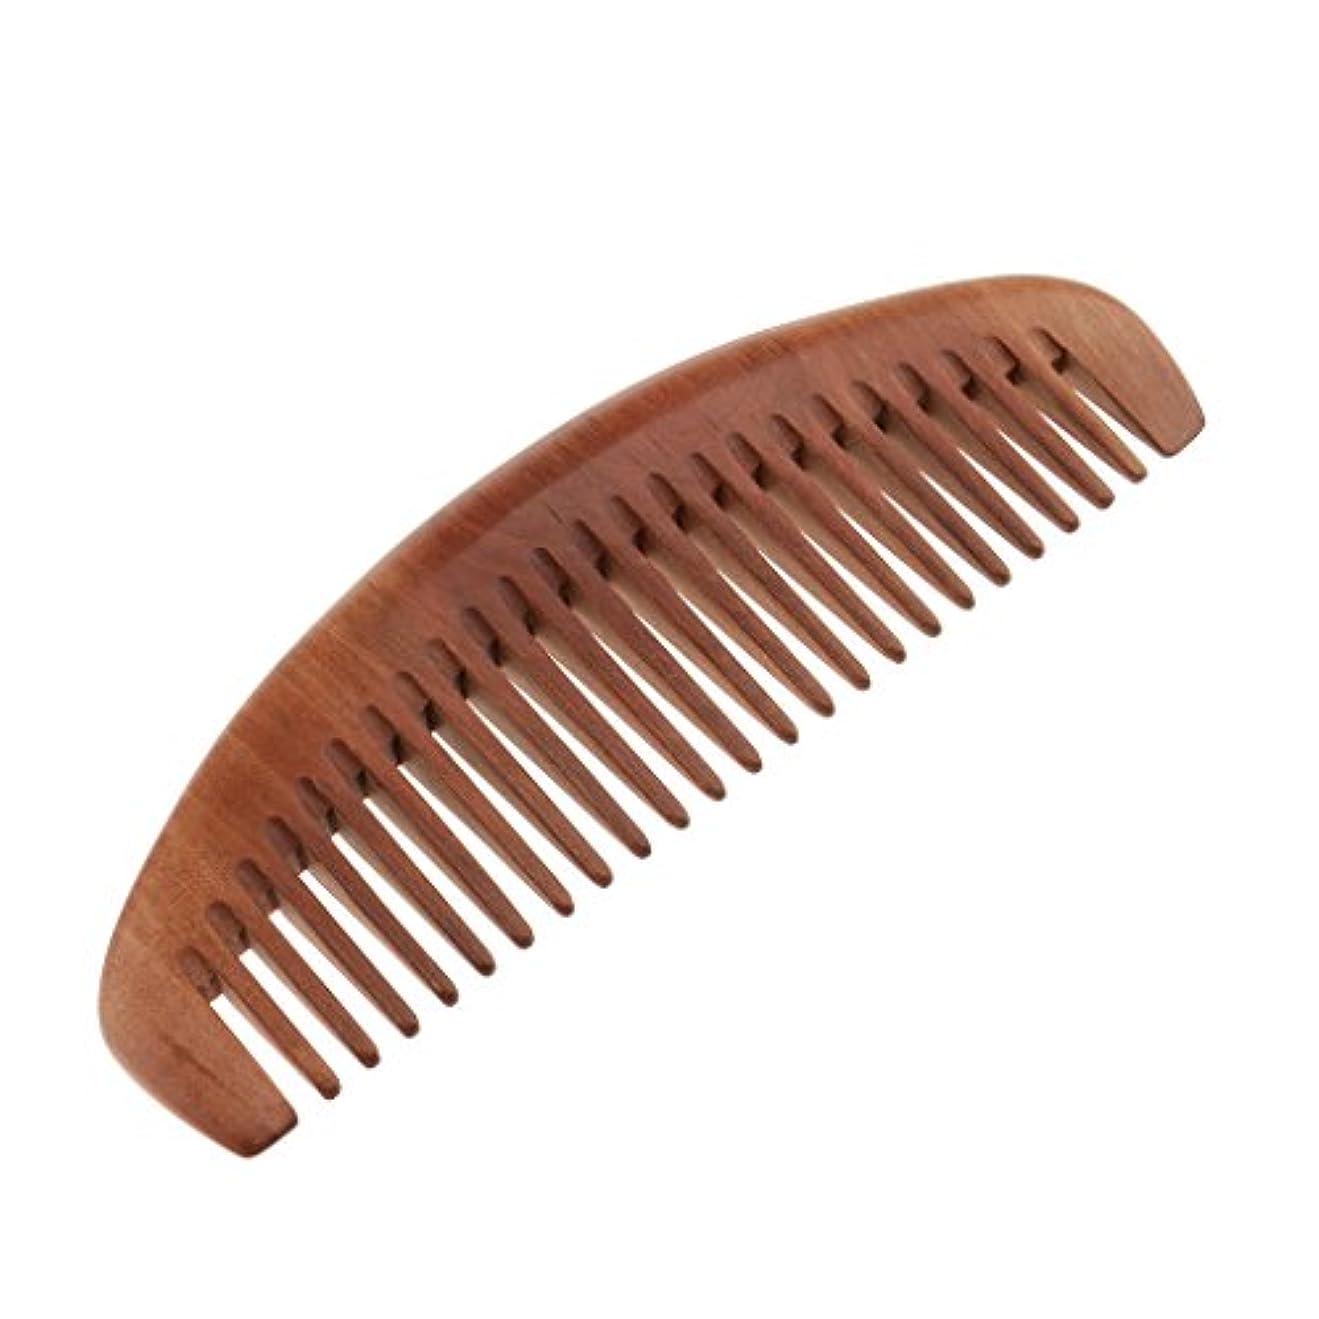 CUTICATE ナチュラル ブラシ ウッドヘアコーム ウッドワイドティースコーム 全2種 - ワイド歯